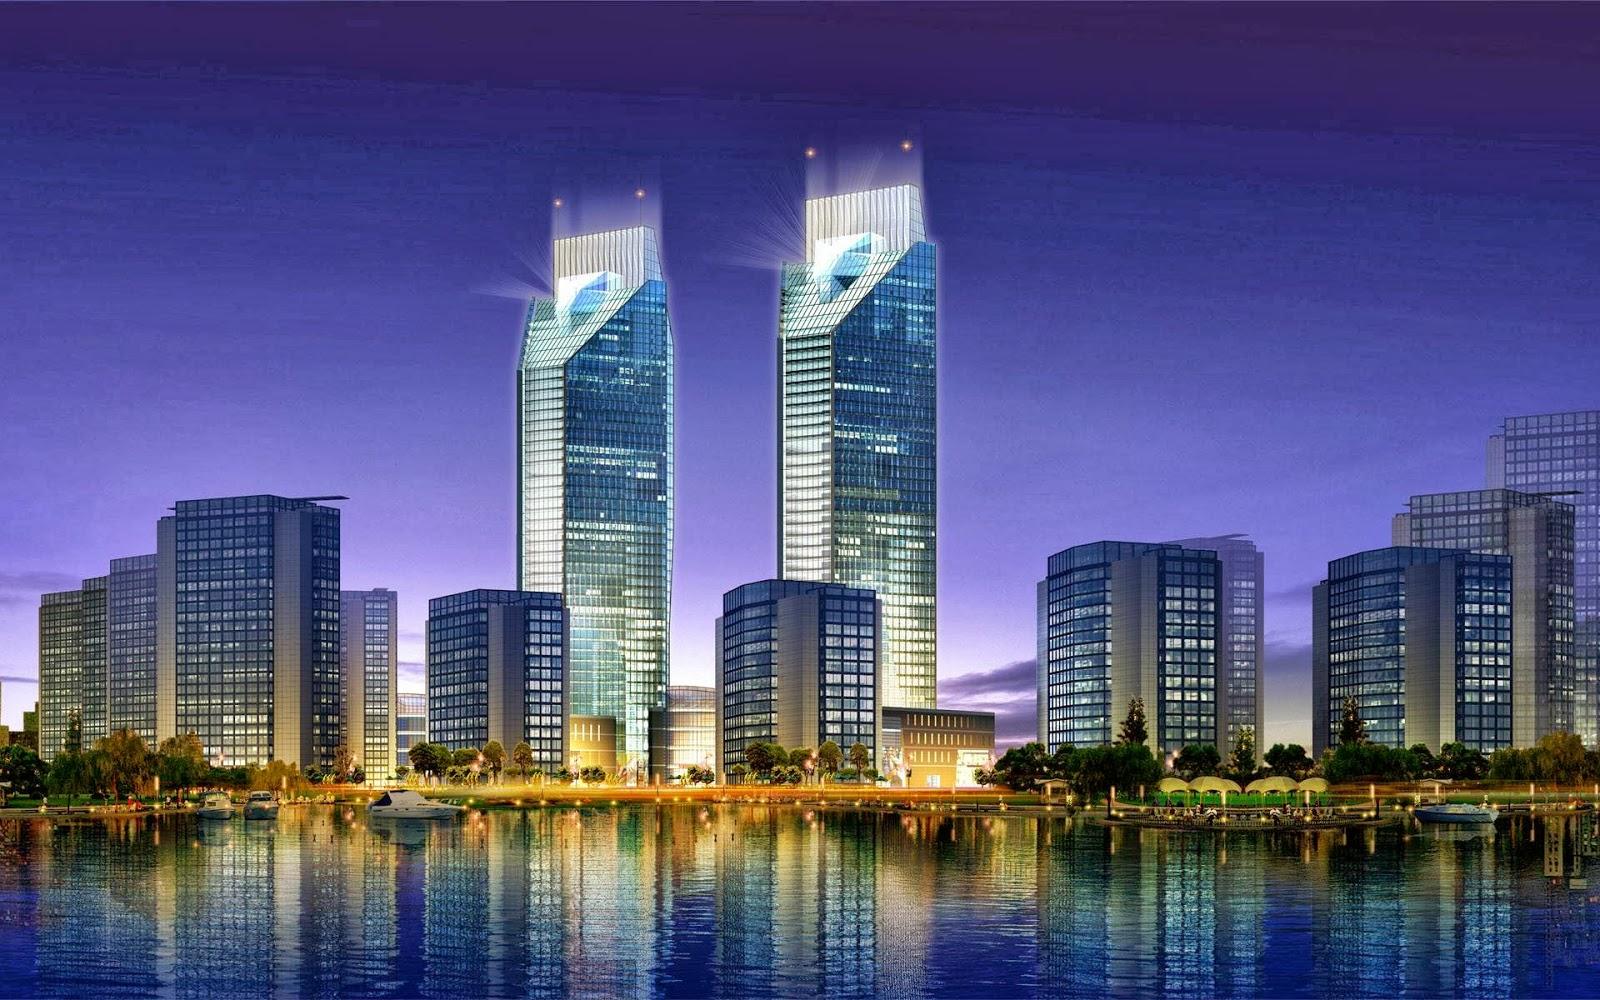 Fondos De Pantalla Ciudad: Fondo De Pantalla Ciudades En La Noche Rascacielos